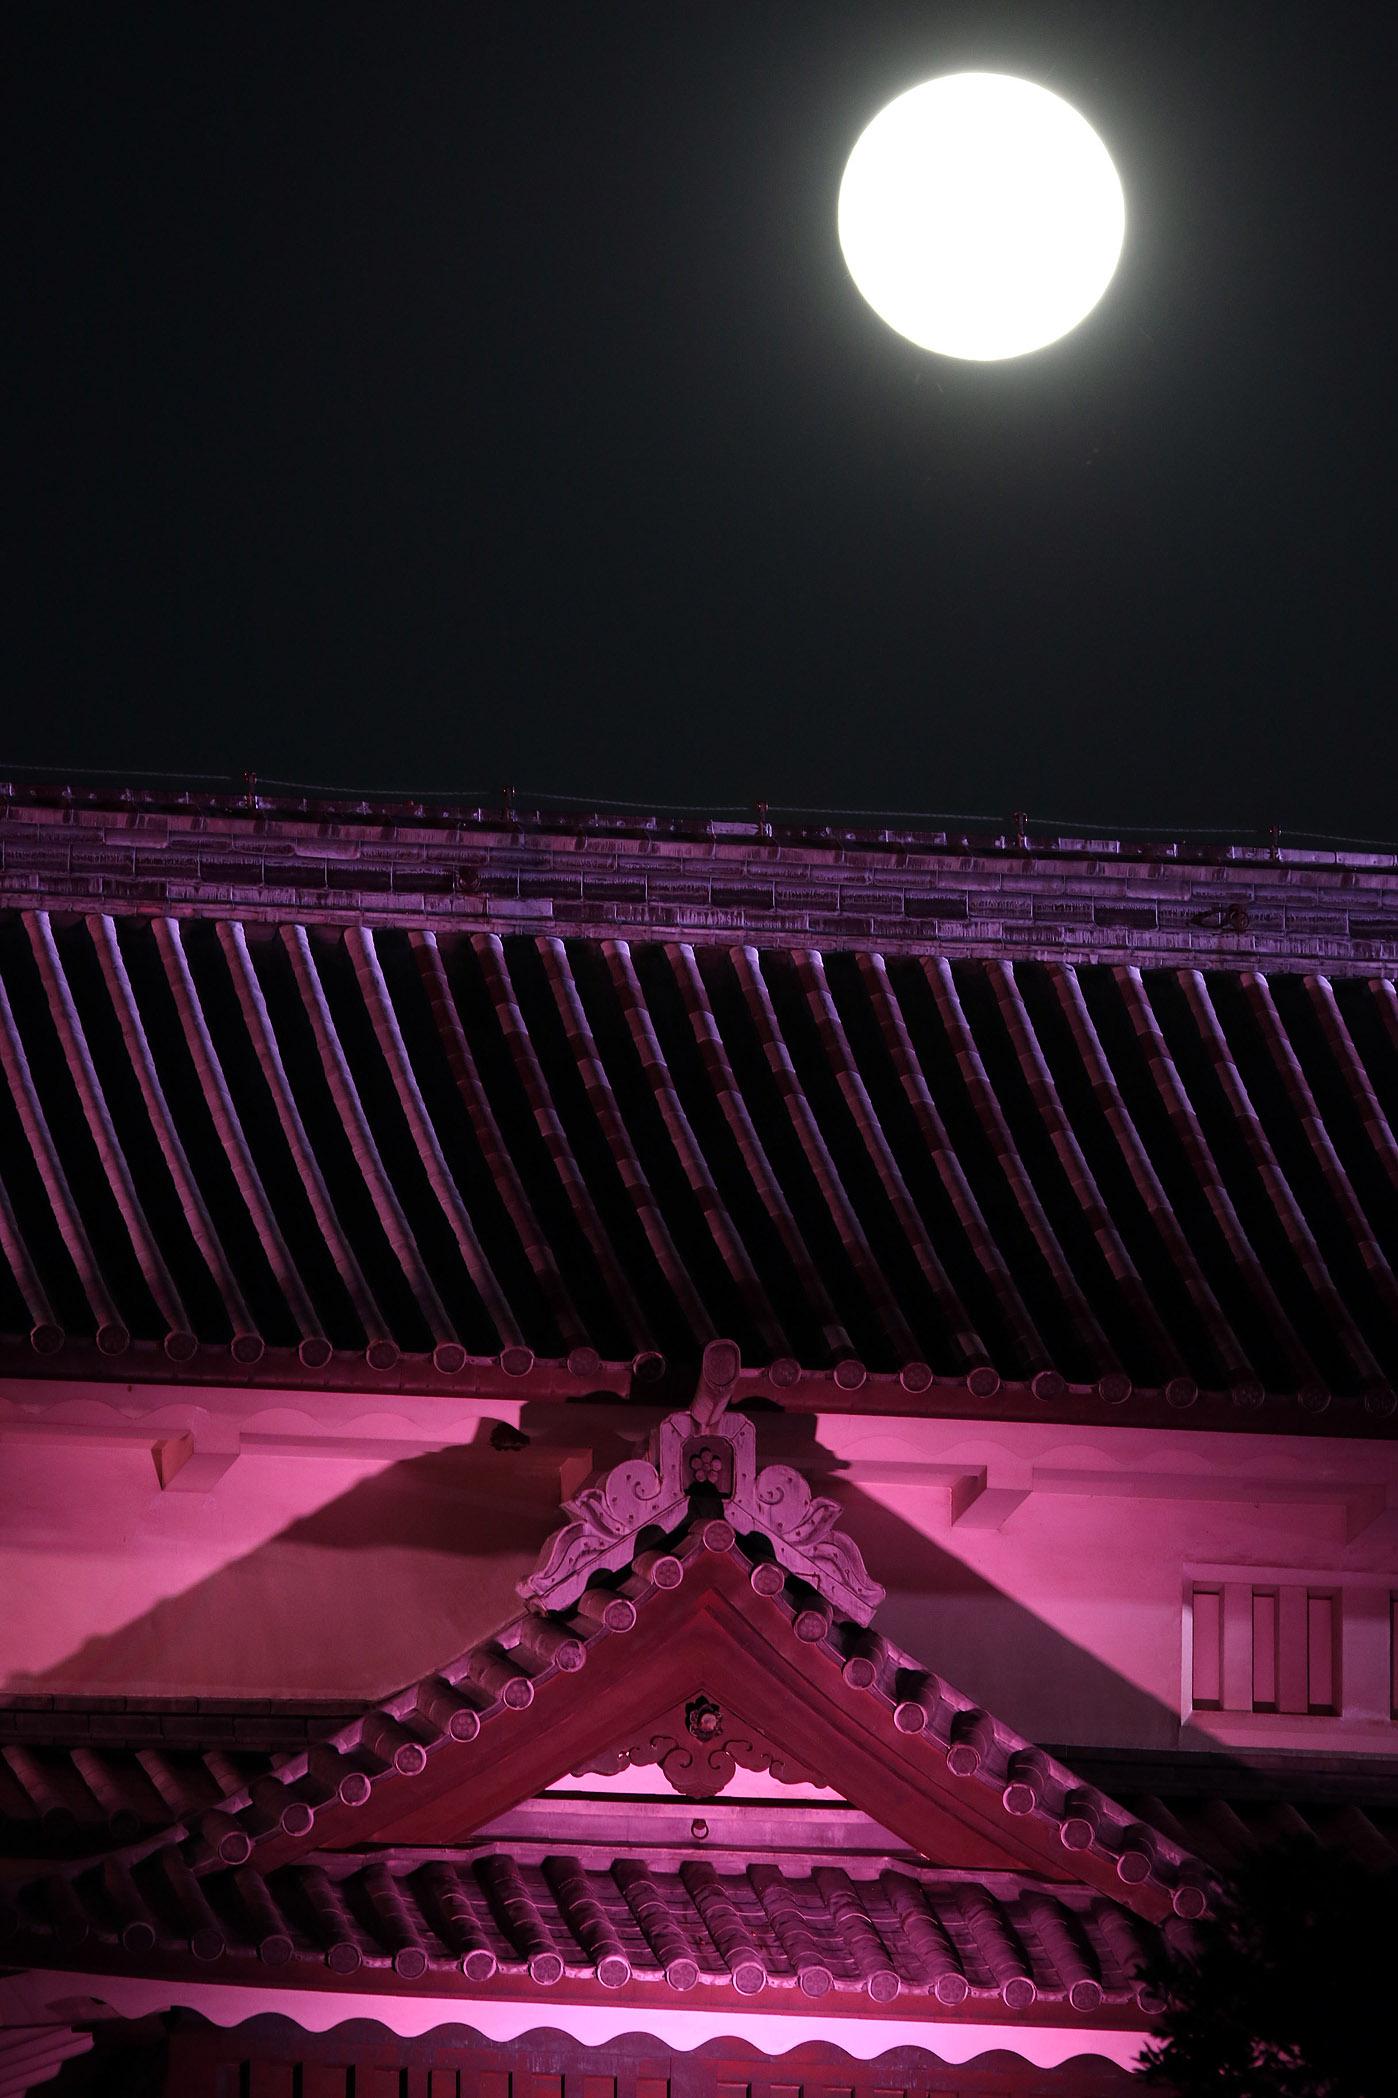 ライトアップされた三十間長屋の上空に浮かぶ中秋の名月=27日午後6時半、金沢城公園玉泉院丸庭園から撮影